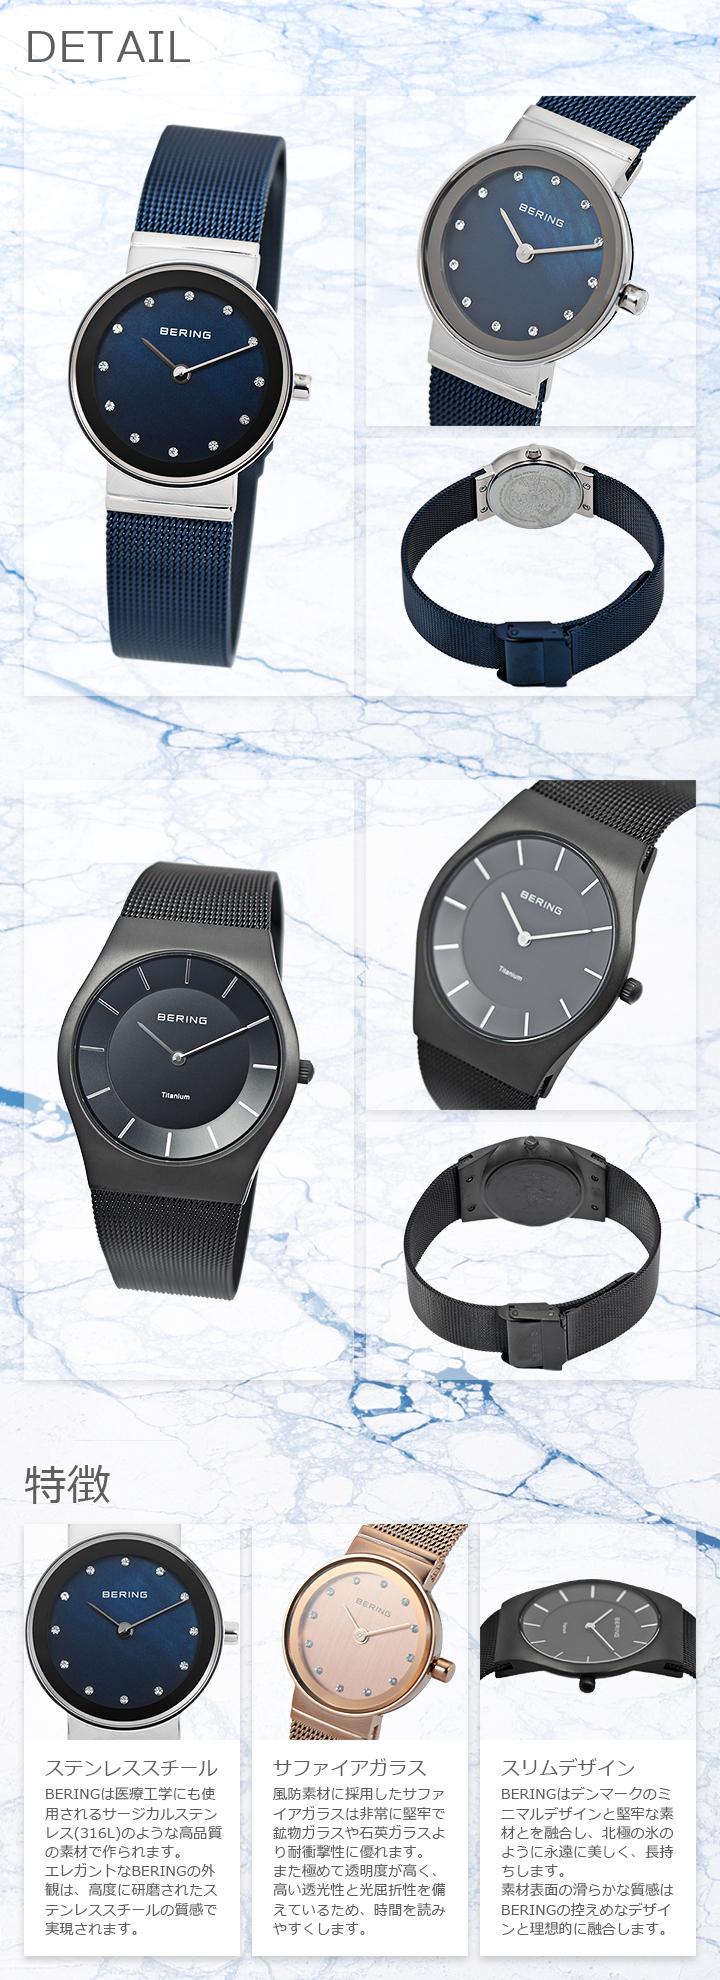 BERING ベーリング 9COLORS メンズ レディース ユニセックス スリム 時計 腕時計 プレゼント 贈り物 ギフト おしゃれ 北欧[あす楽]